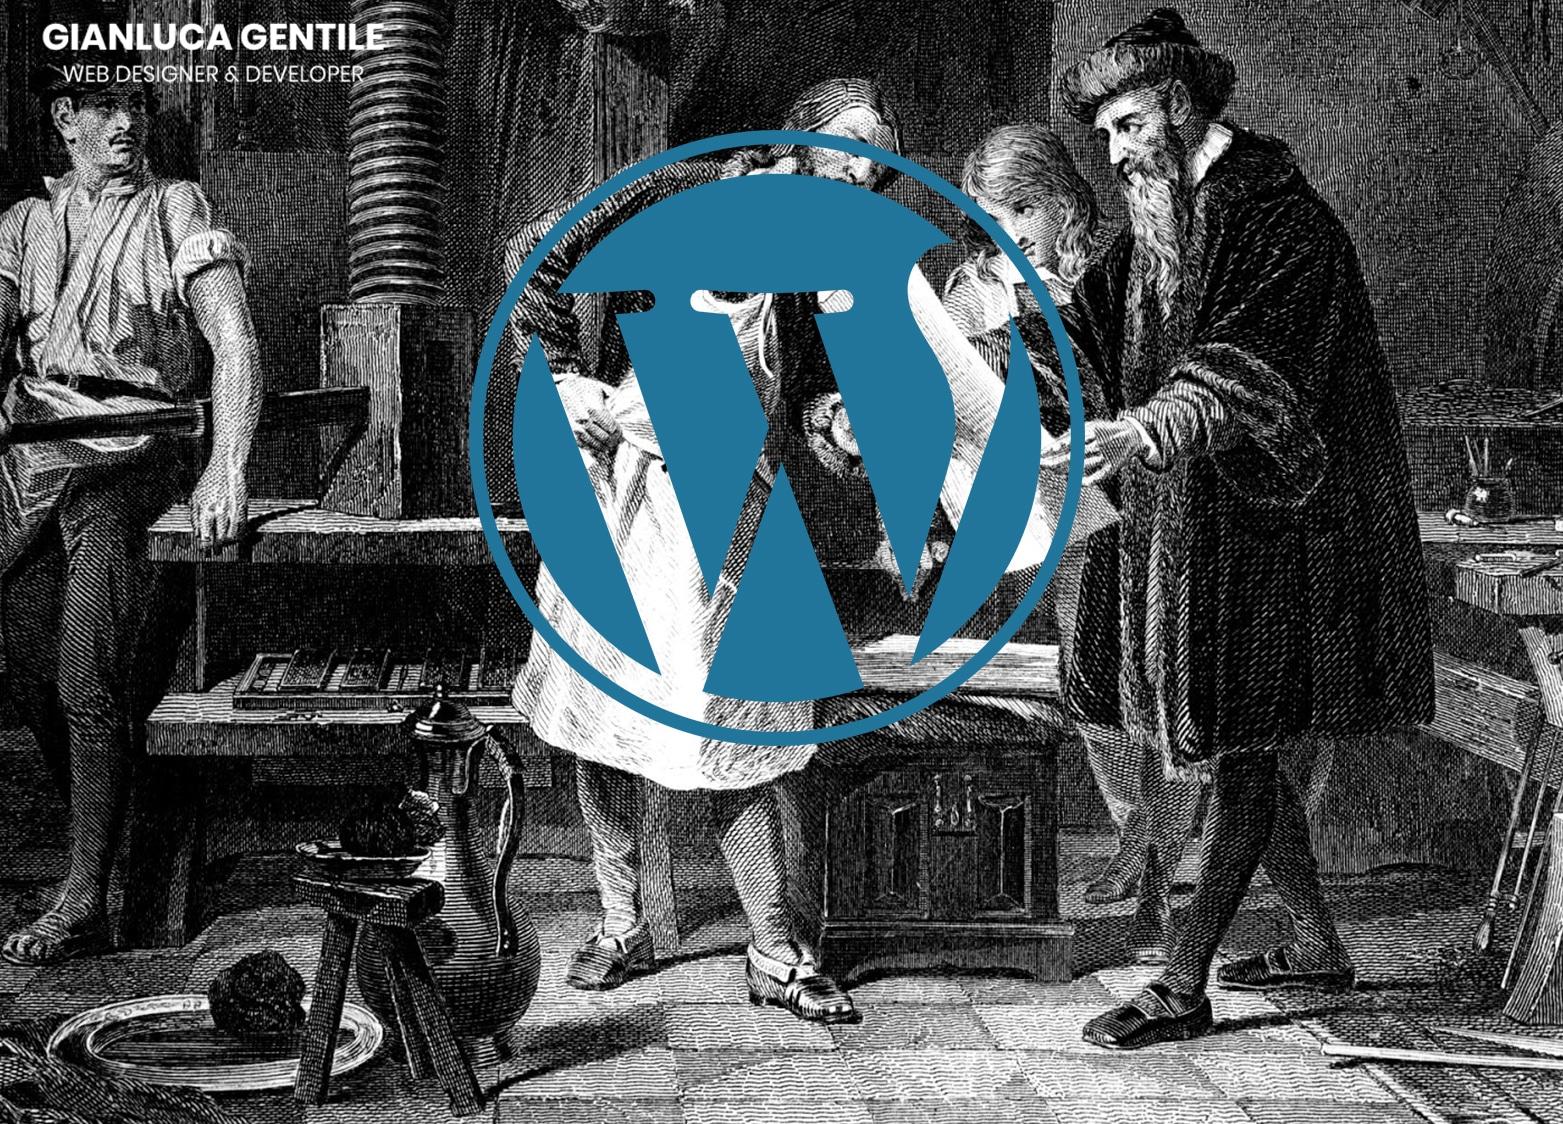 novità wordpress 5.0 - Novit   WordPress 5 - Novità WordPress 5.0 Bebo, ottimizzata la gestione dei siti web